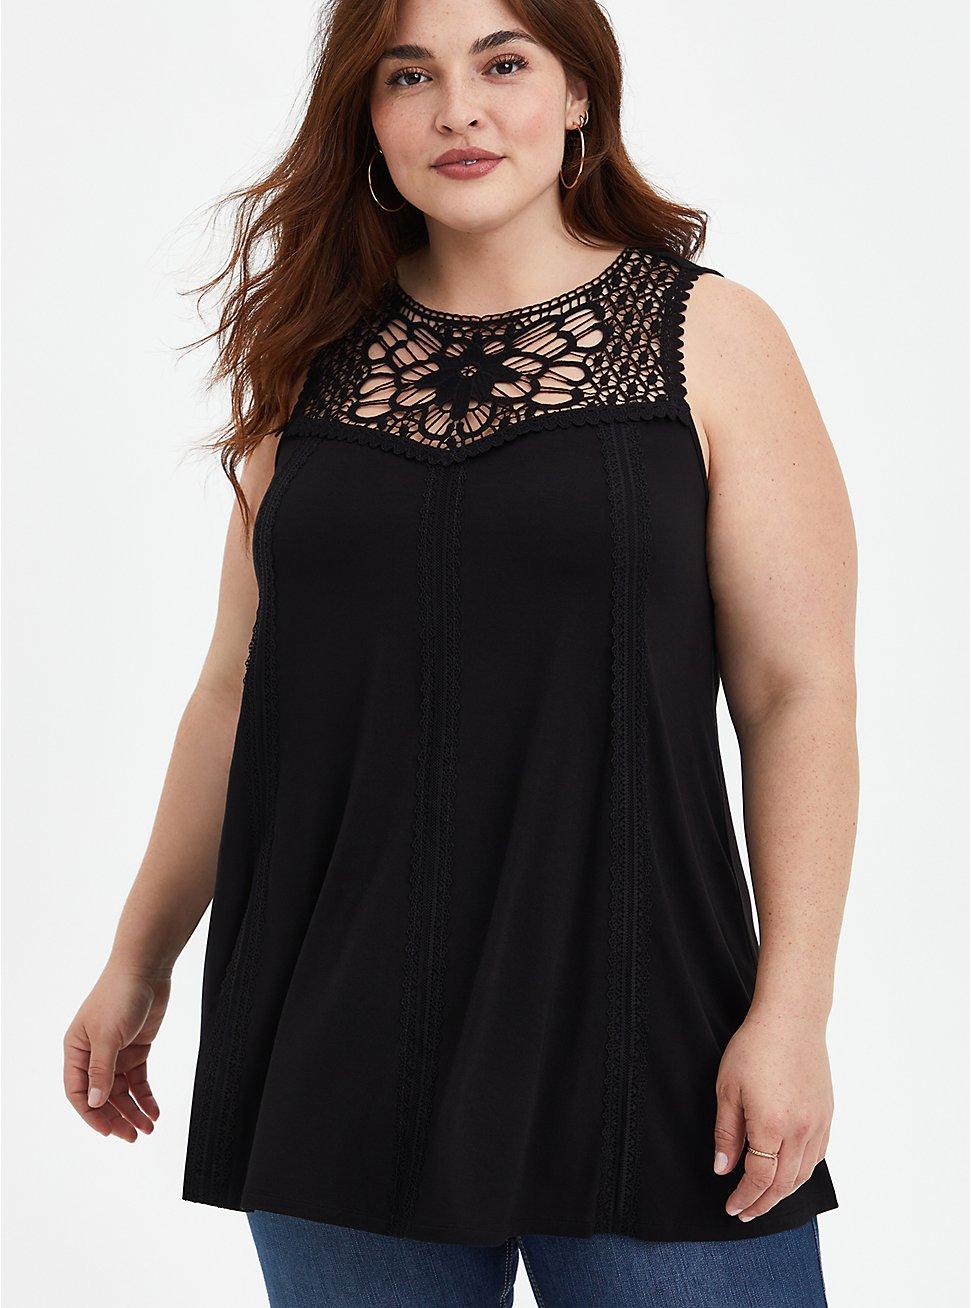 Super Soft Black Embroidered Tank, DEEP BLACK, hi-res